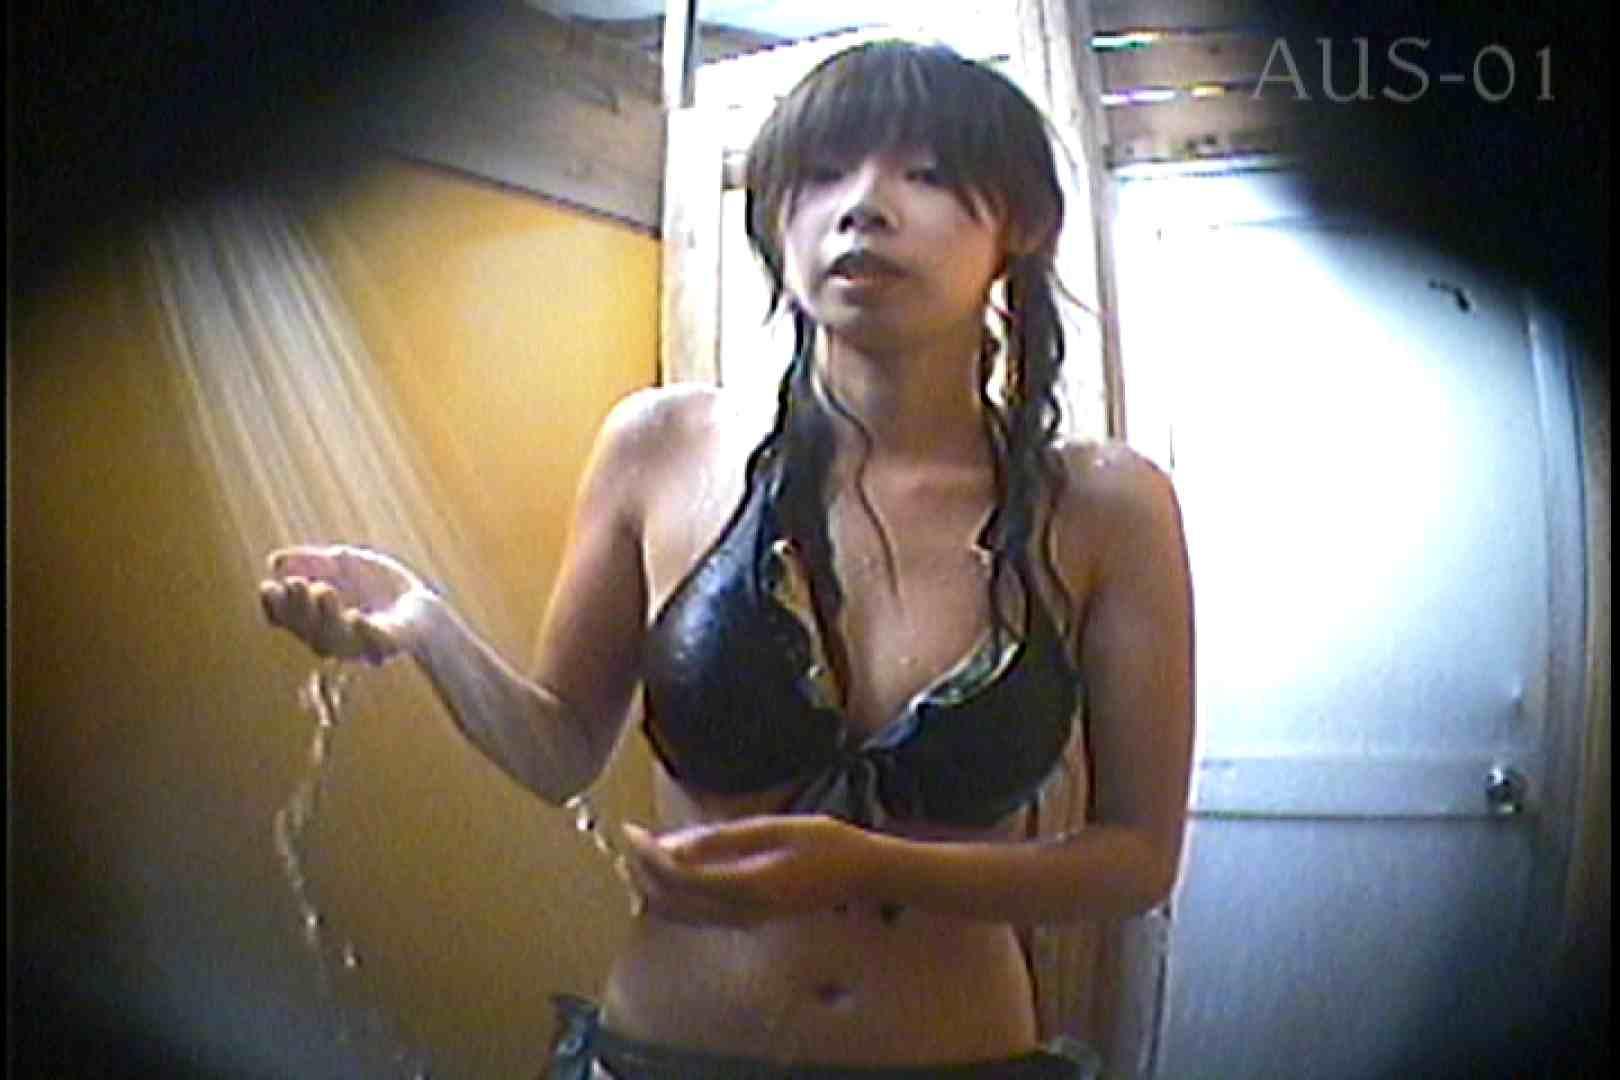 海の家の更衣室 Vol.01 Hな美女 戯れ無修正画像 88pic 23